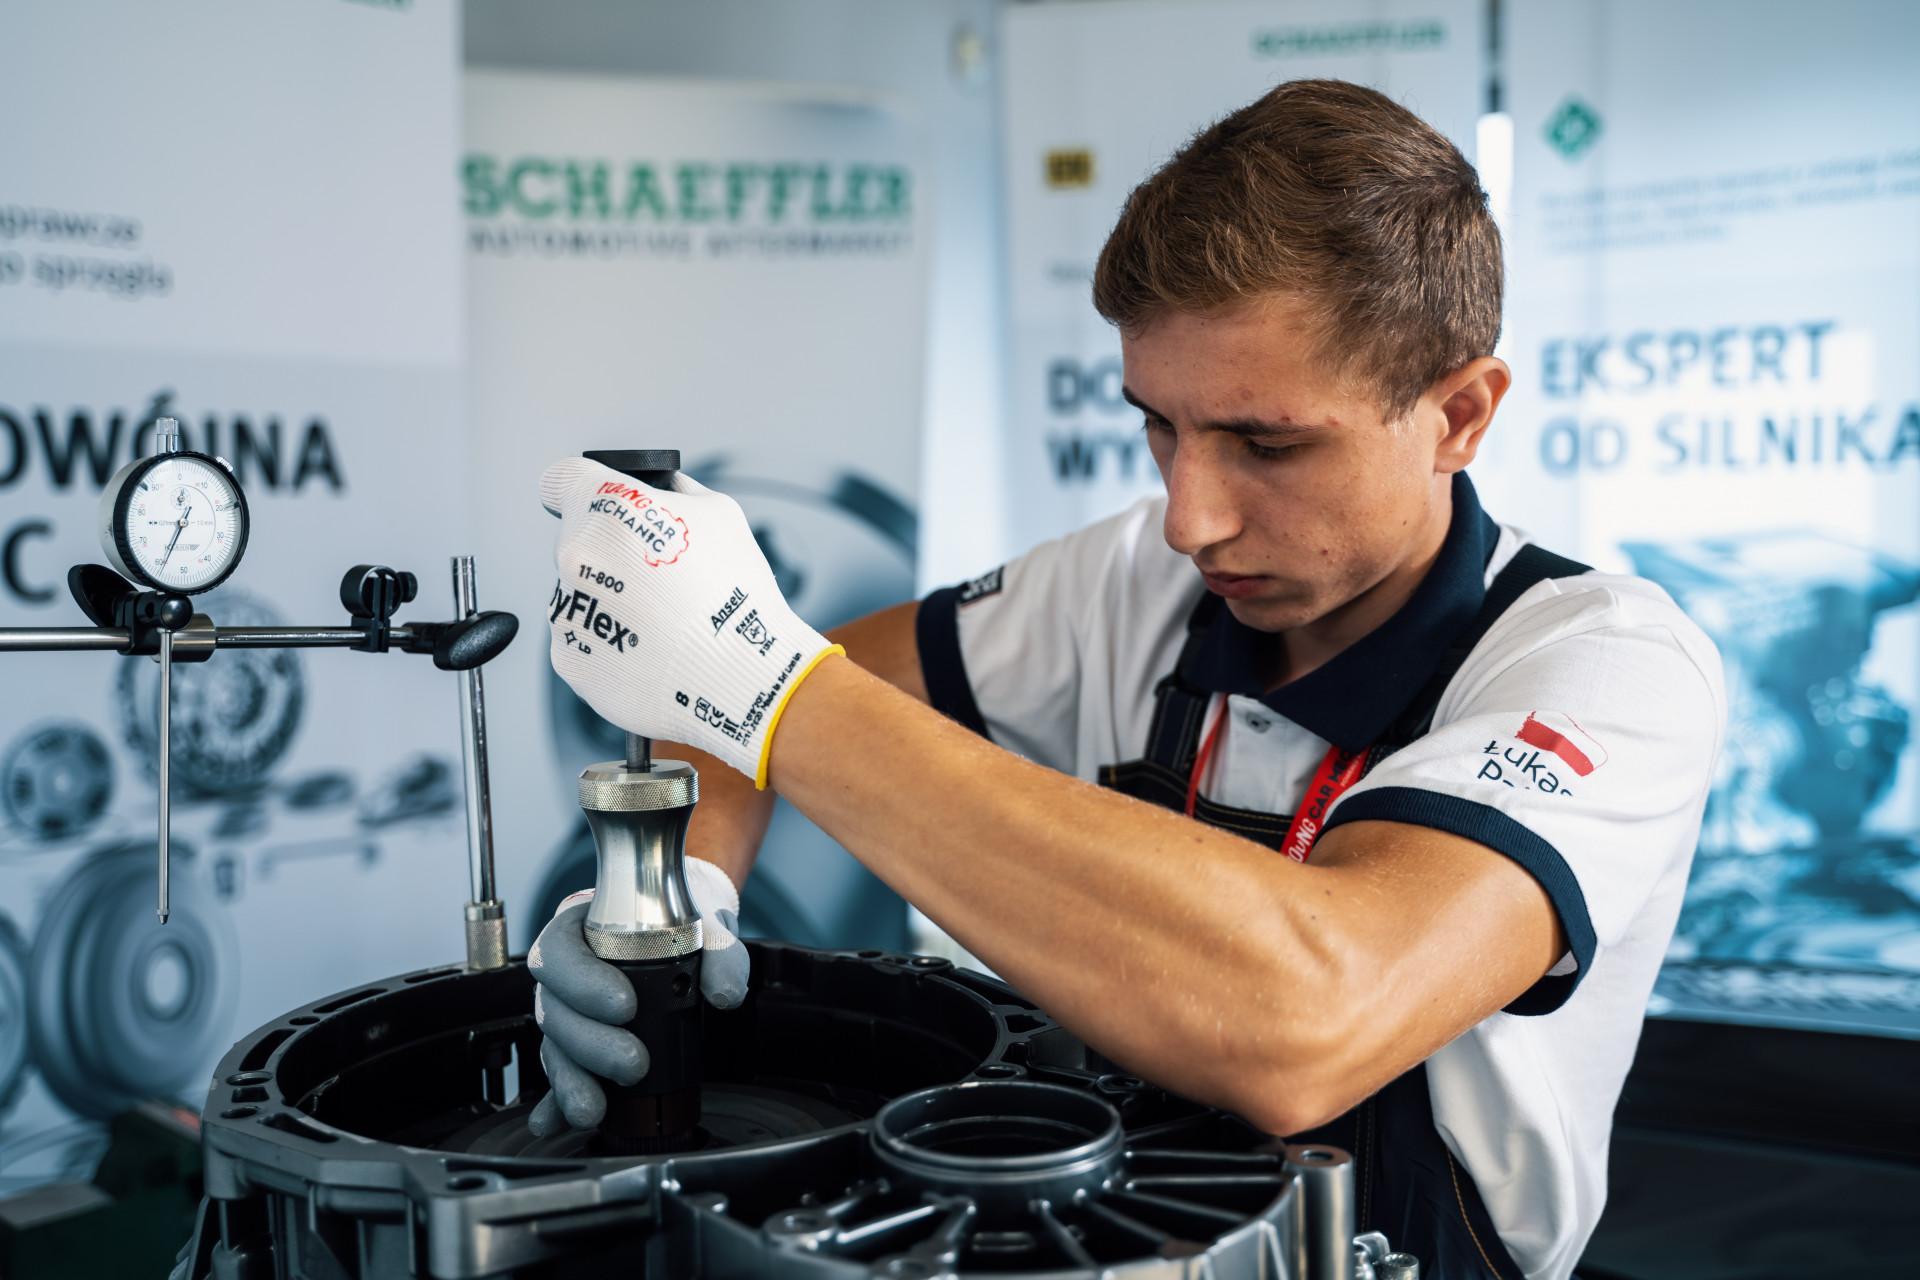 Jaunojo mechaniko konkursas